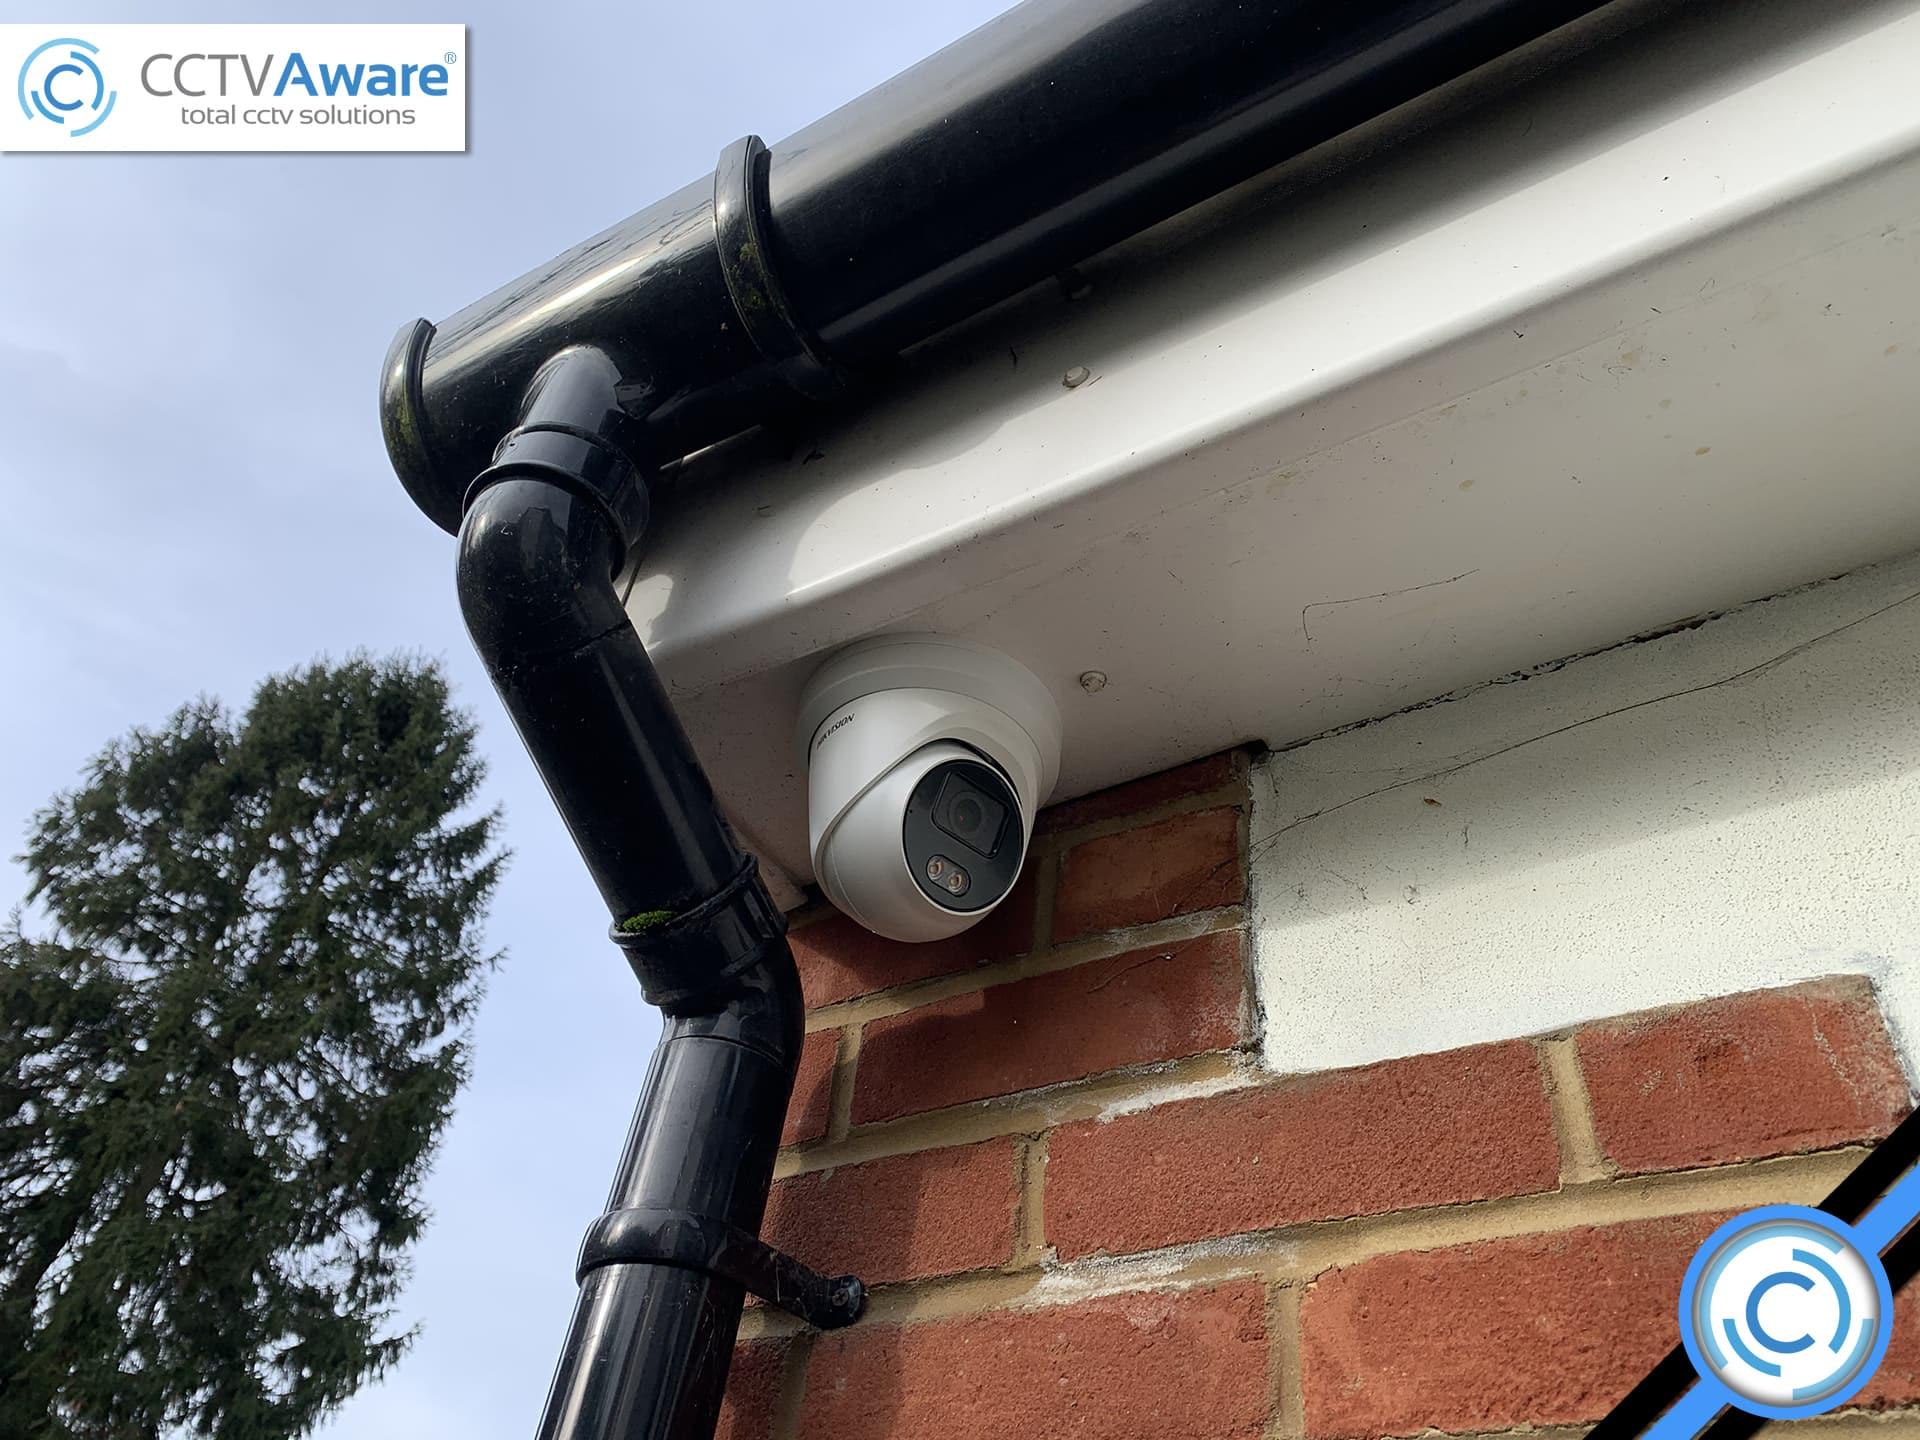 ColorVu CCTV Installation in Surrey